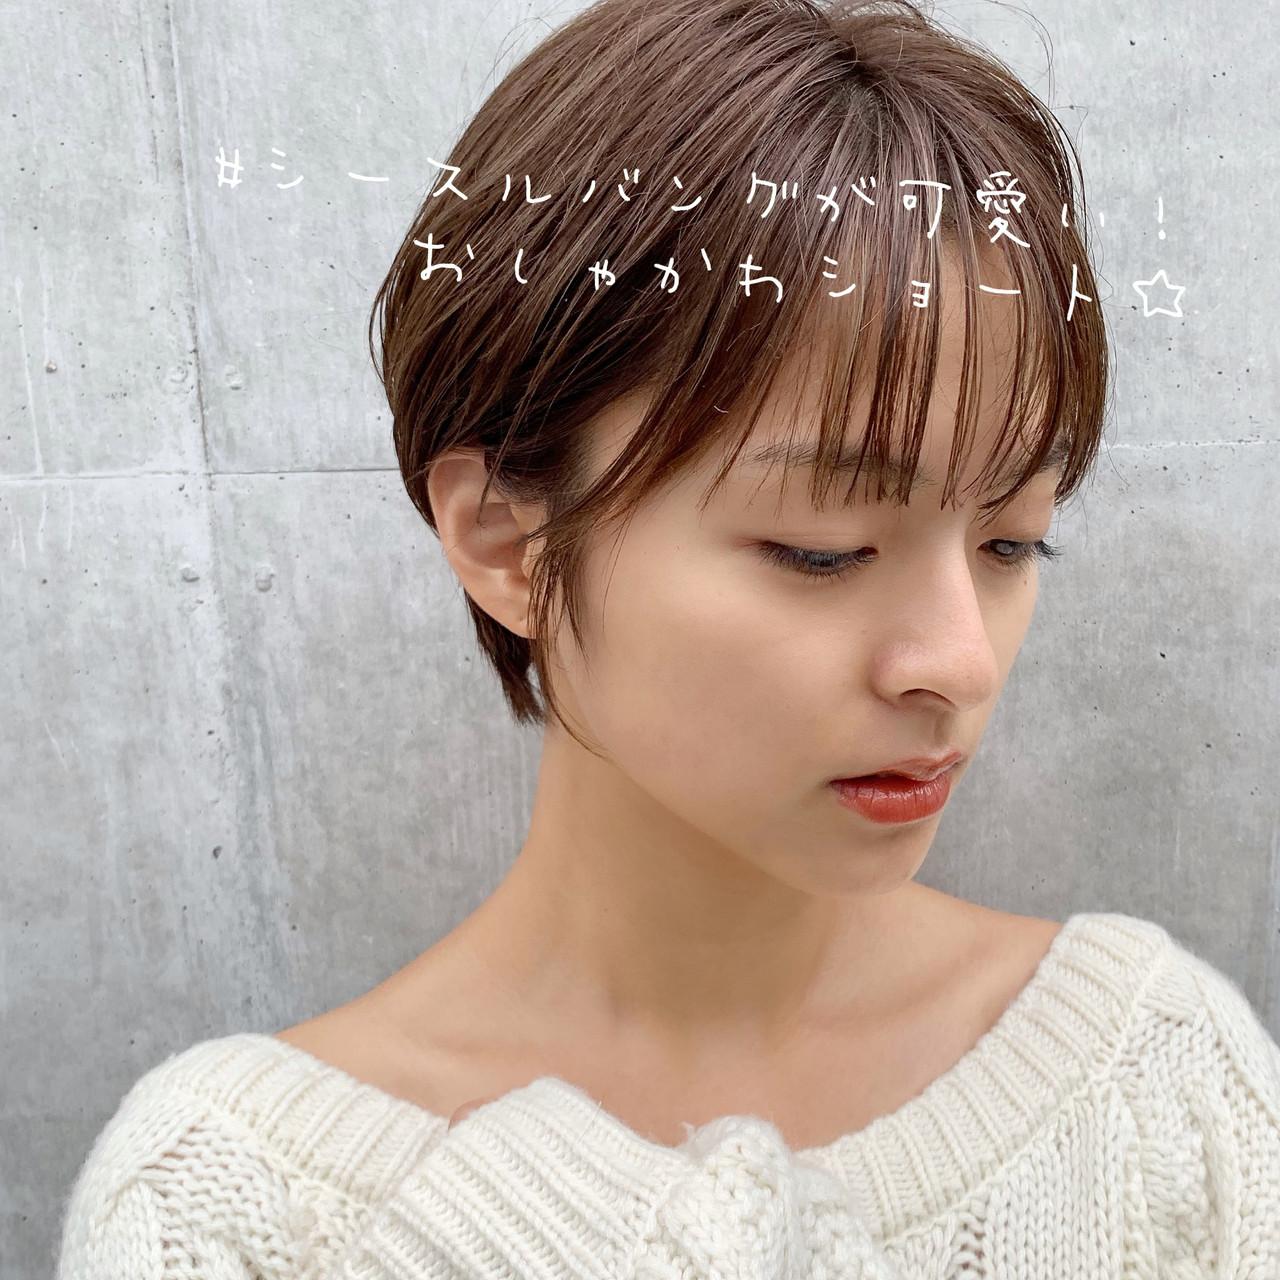 ナチュラル ミニボブ ショートヘア ショートボブ ヘアスタイルや髪型の写真・画像 | Natsuko Kodama 児玉奈都子 / dydi